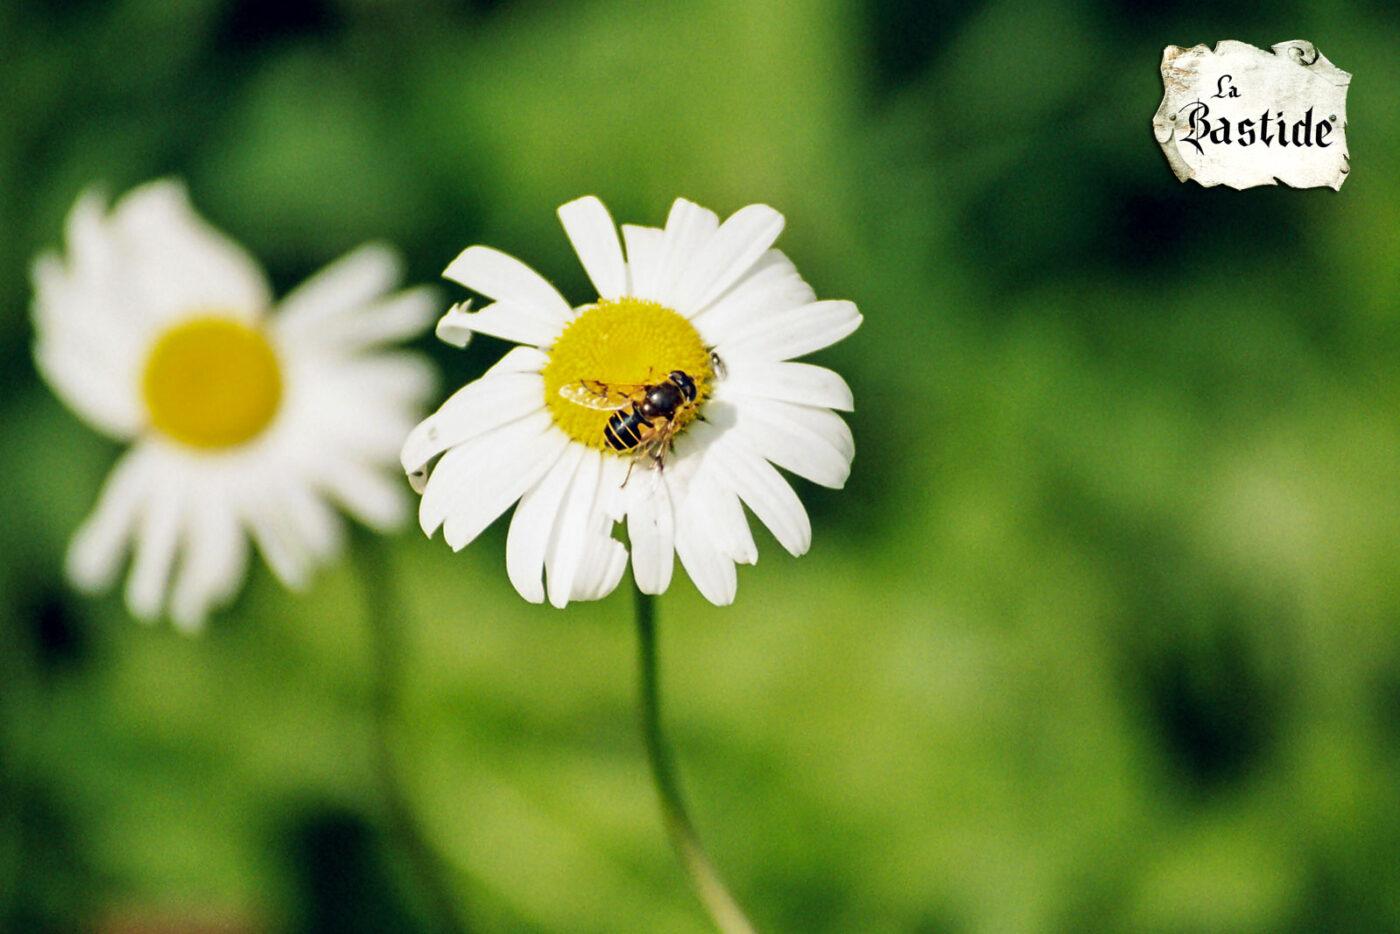 Videogalerij vakantiedomein La-Bastide daisy bloem met bij